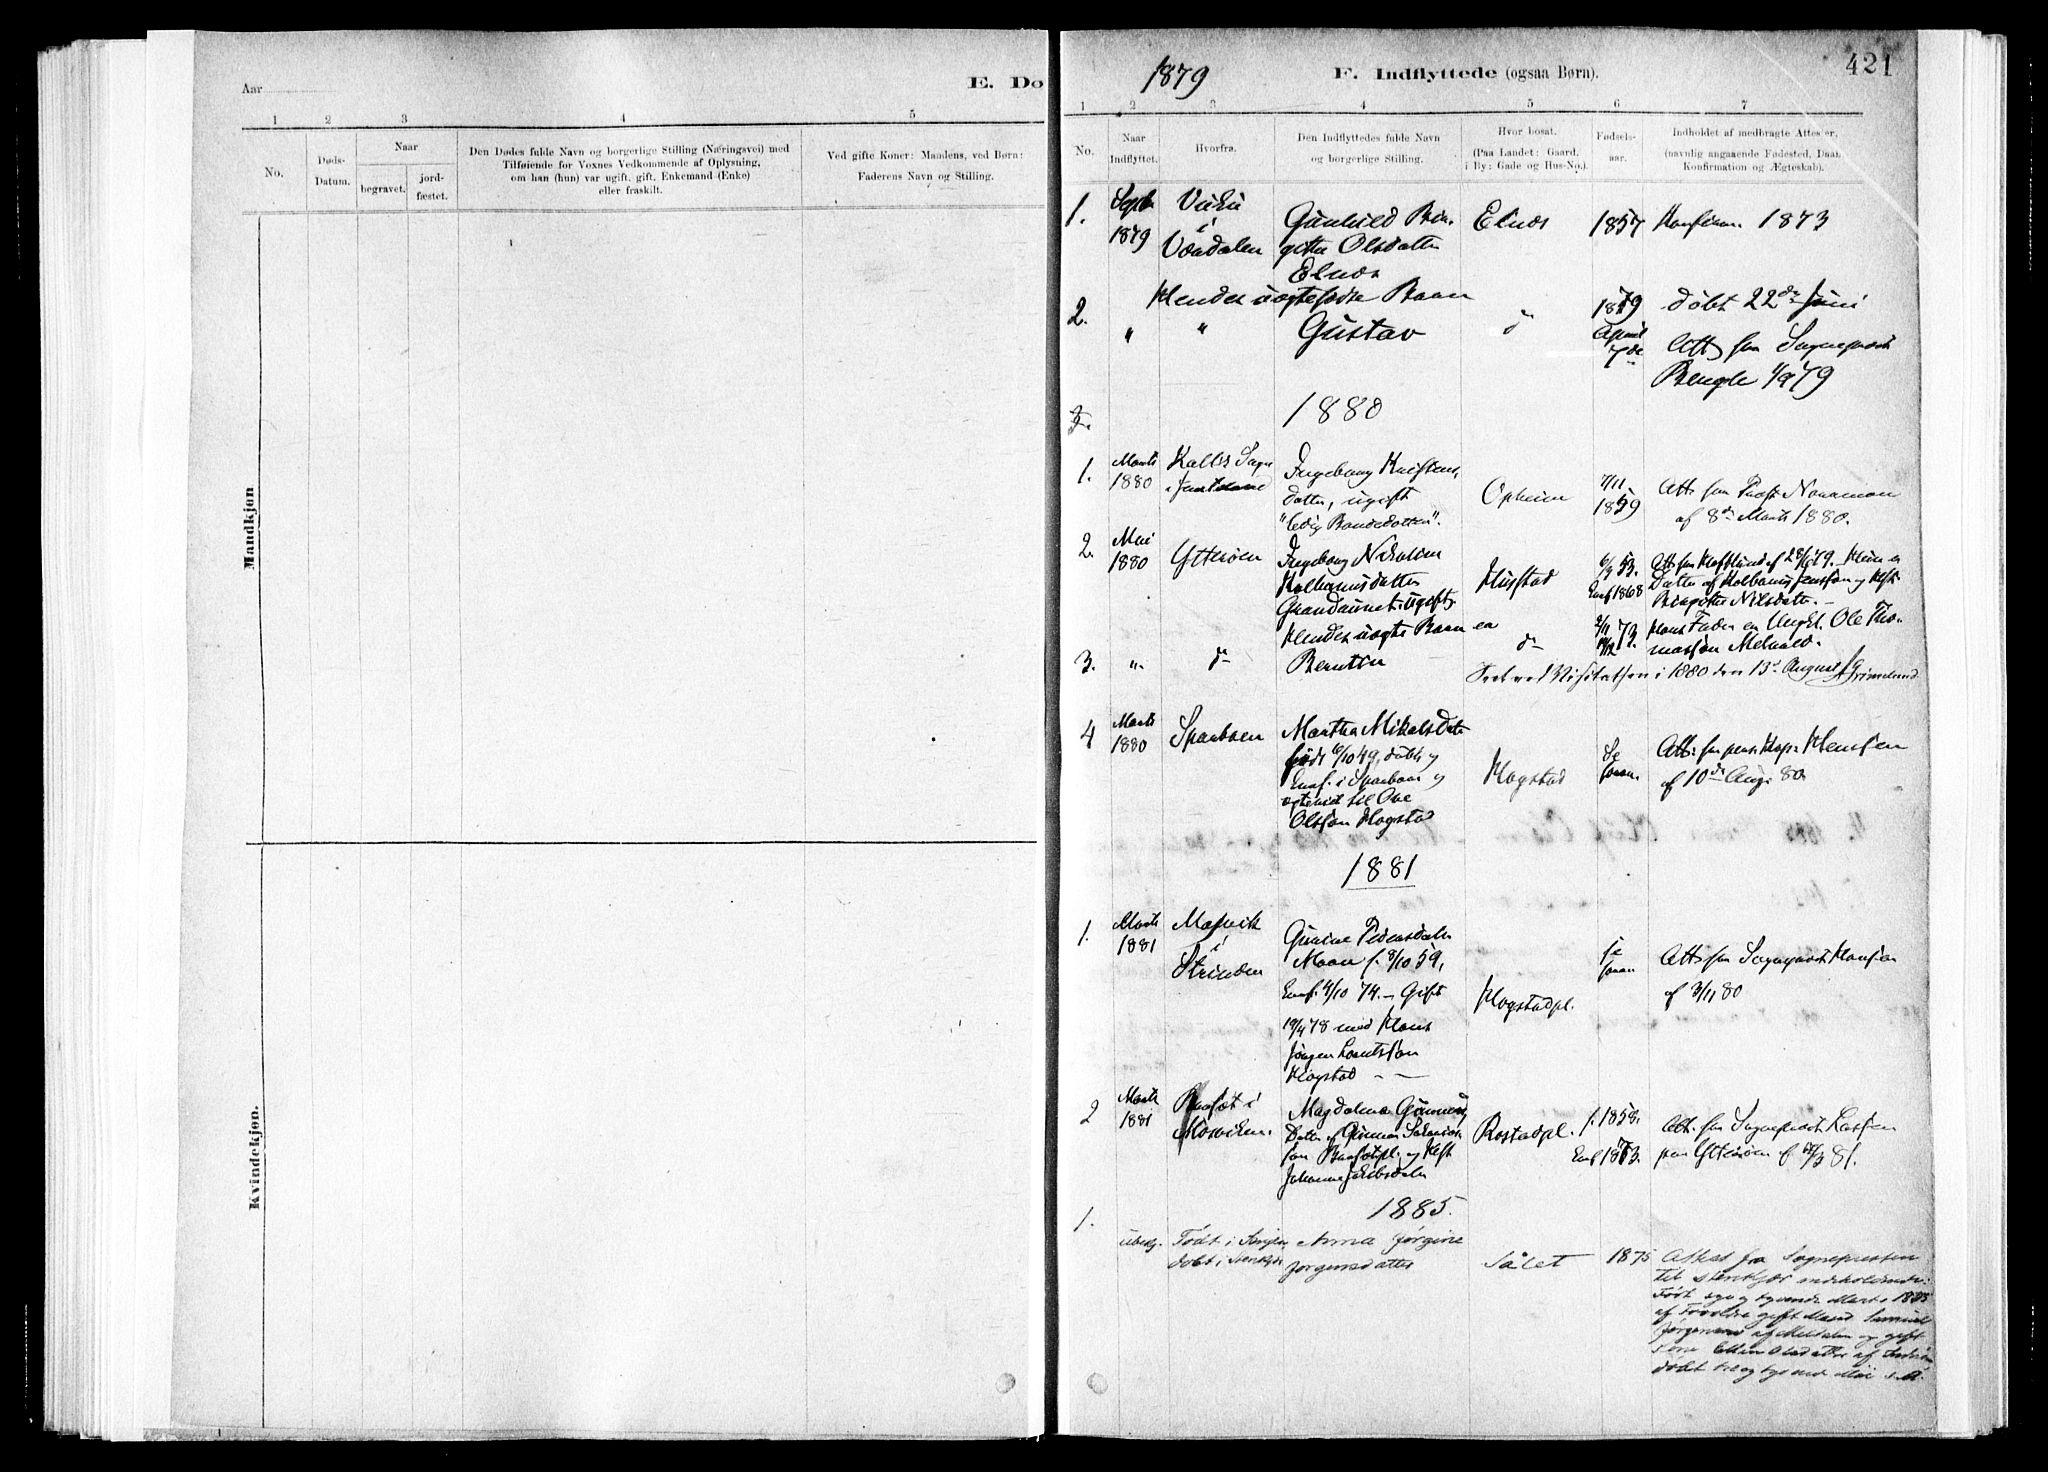 SAT, Ministerialprotokoller, klokkerbøker og fødselsregistre - Nord-Trøndelag, 730/L0285: Ministerialbok nr. 730A10, 1879-1914, s. 421